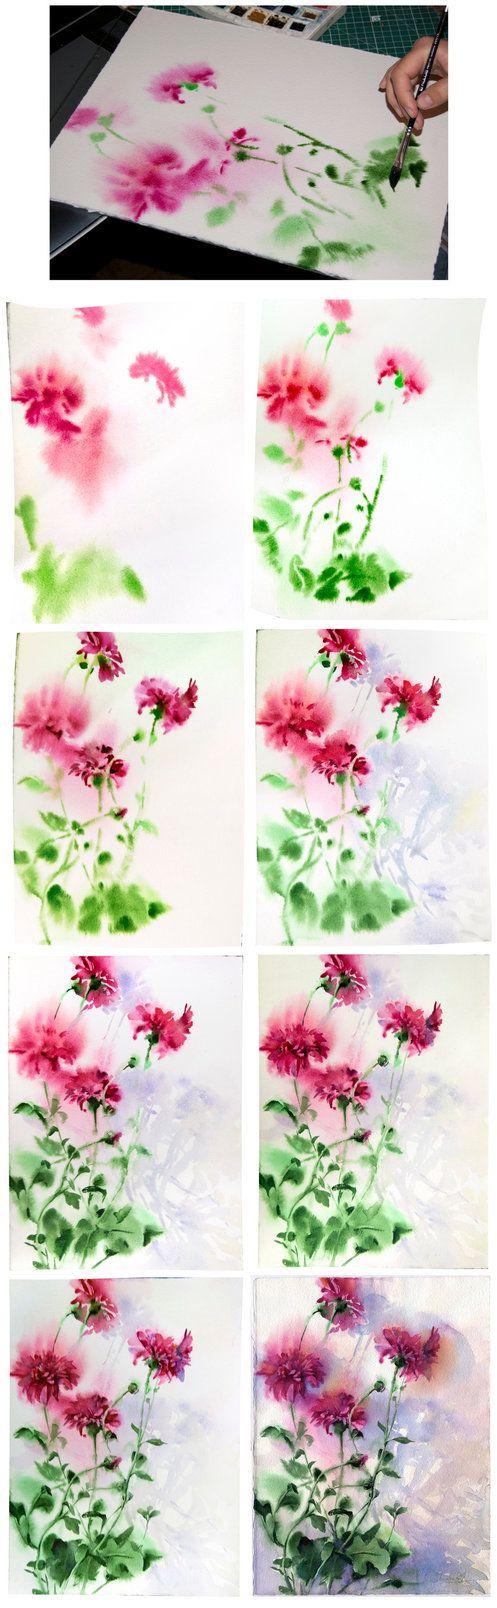 Chrysanthemum on a wet paper by OlgaSternik